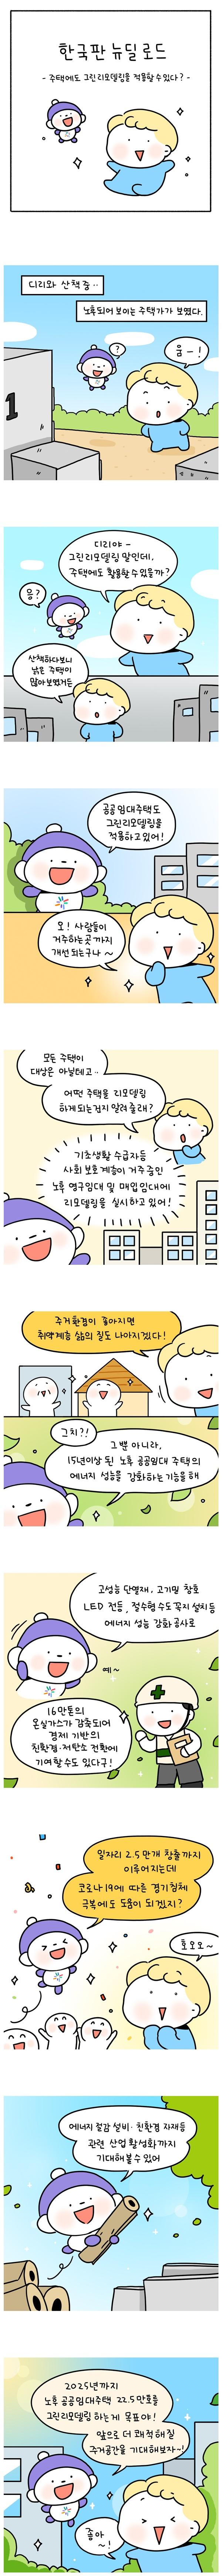 [웹툰] 한국판 뉴딜로드 - 주택에도 그린 리모델링을 적용할 수 있다?